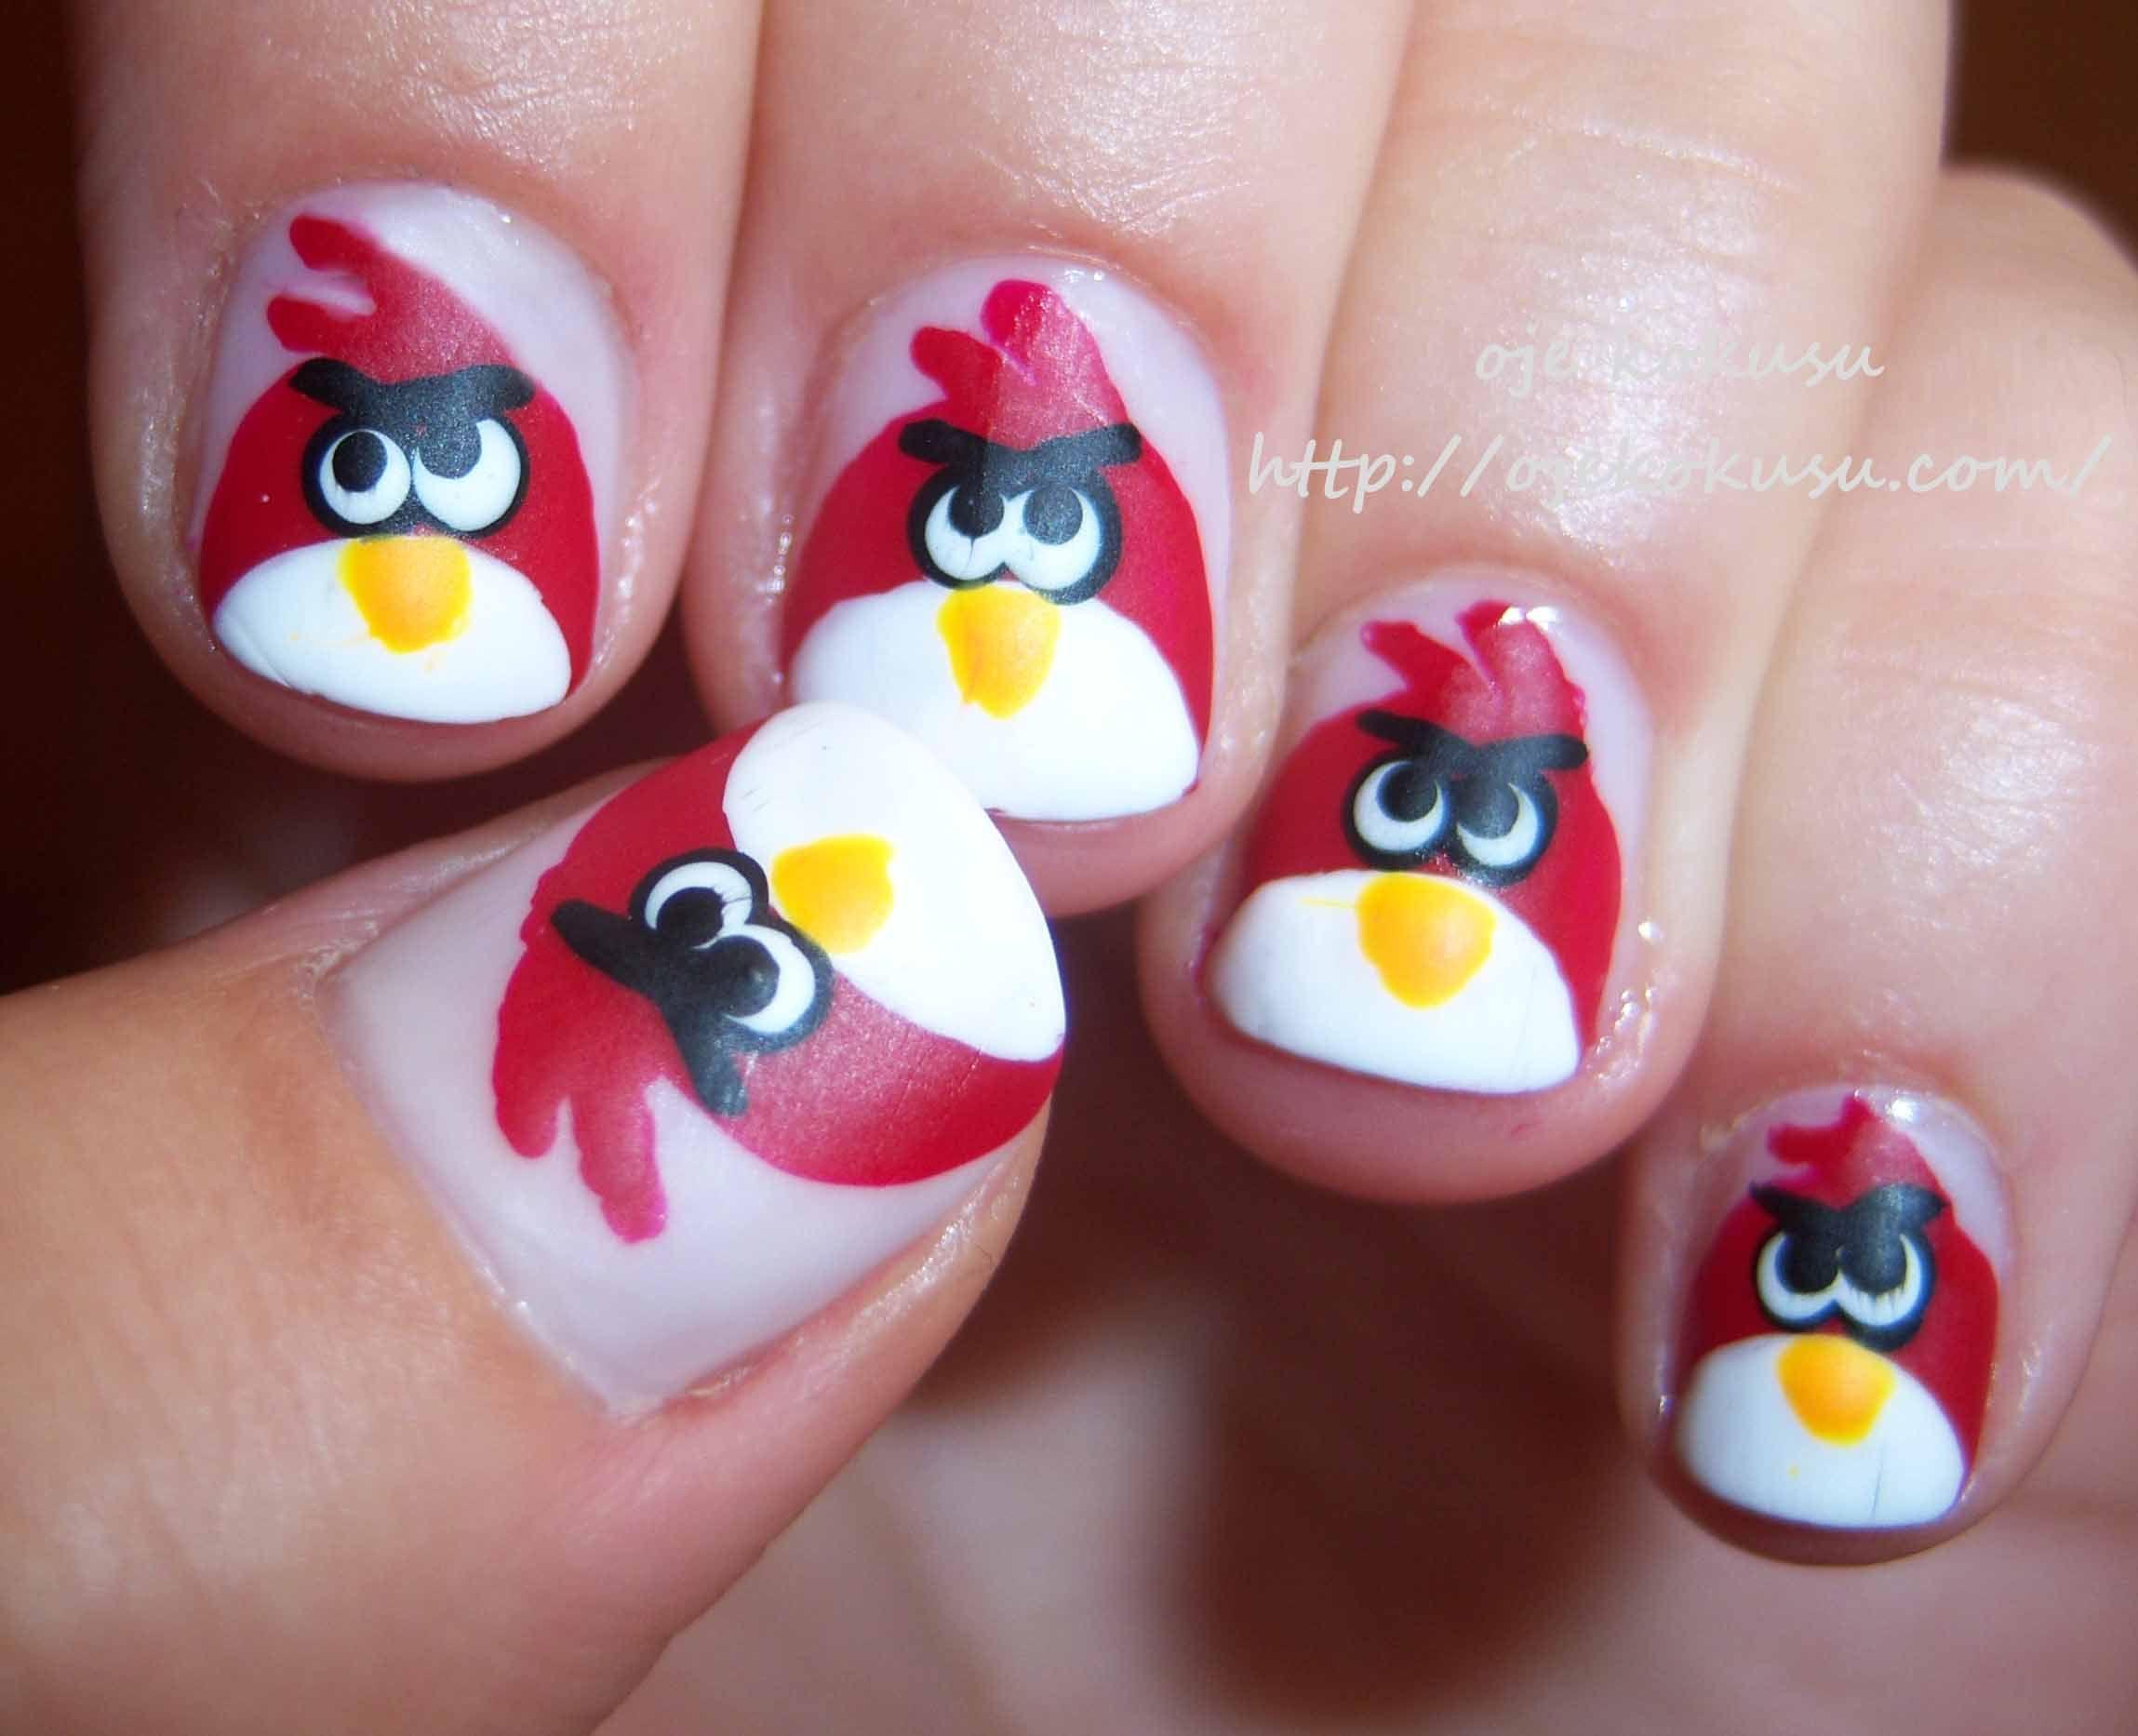 uñas con deseños angry bird | Fotos de uñas de nuestras lectoras ...